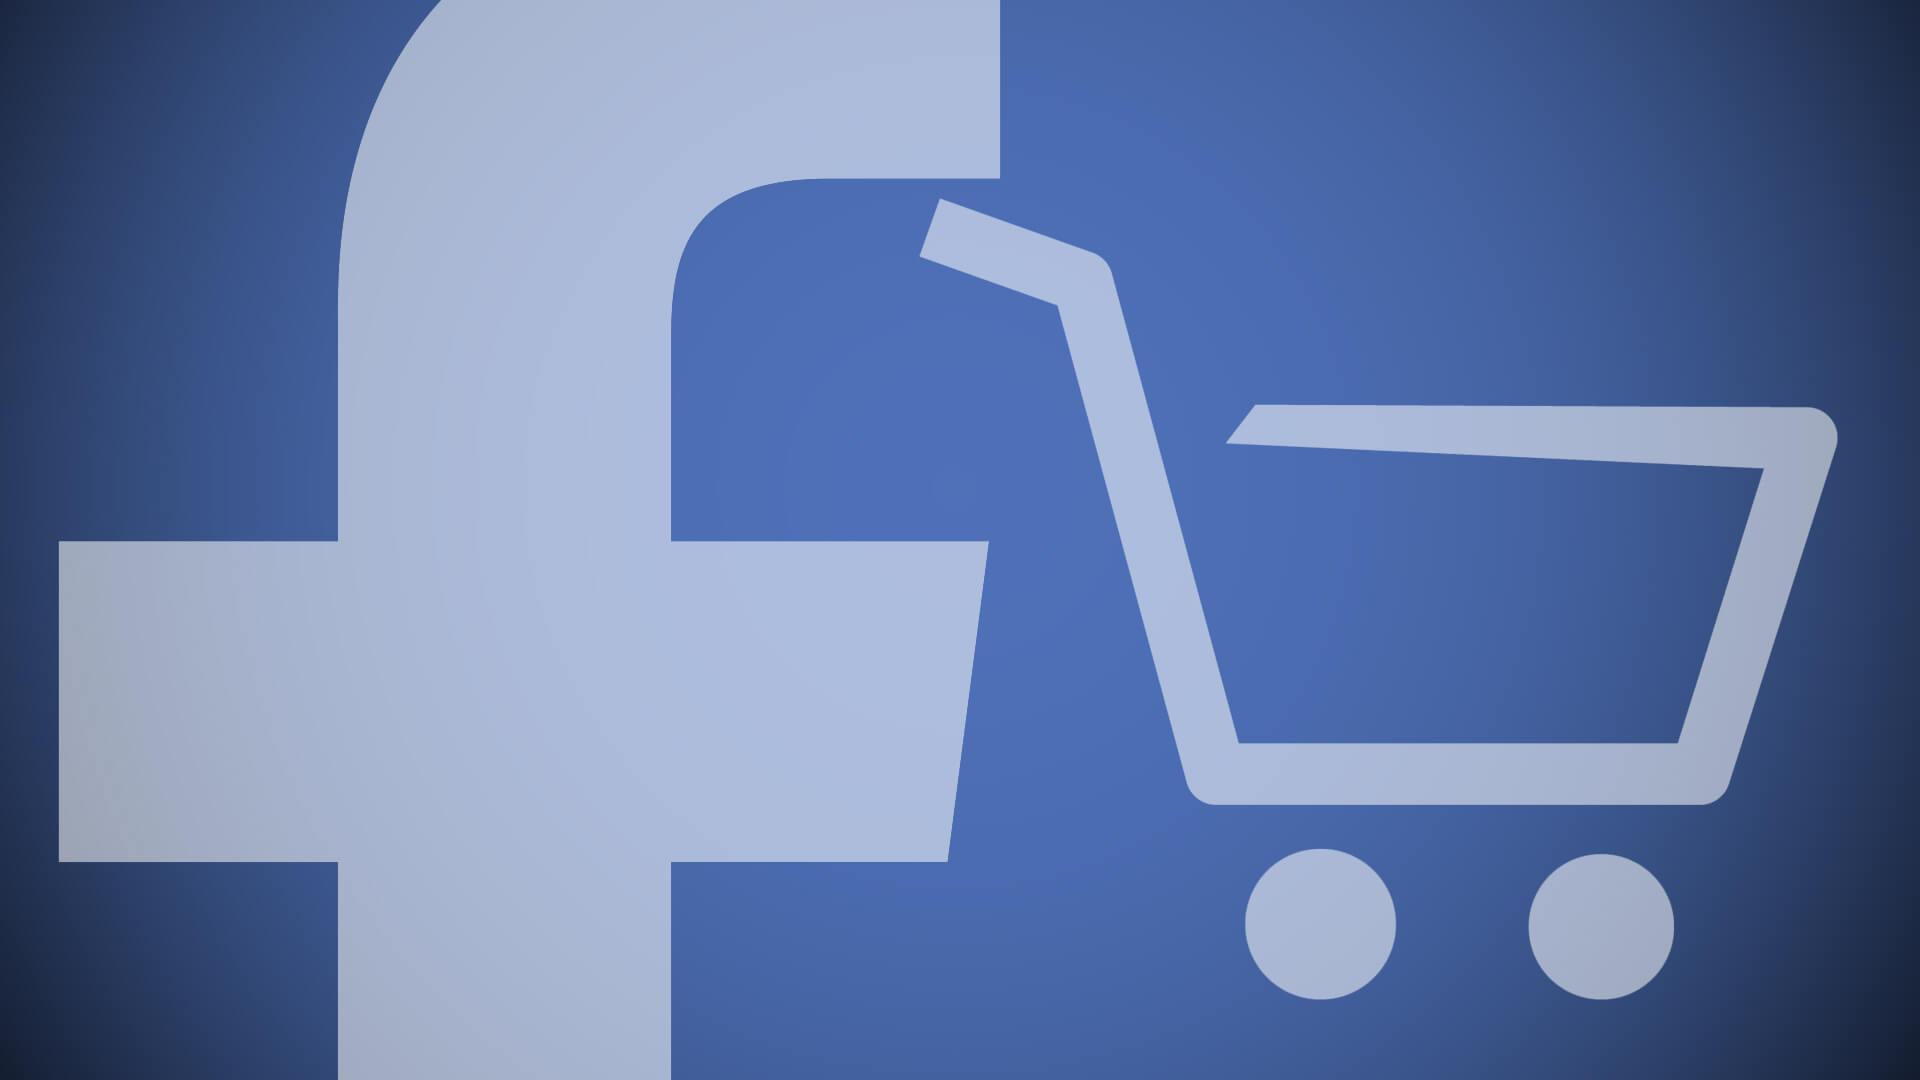 Facebook запустил новый формат рекламы для продвижения покупок онлайн